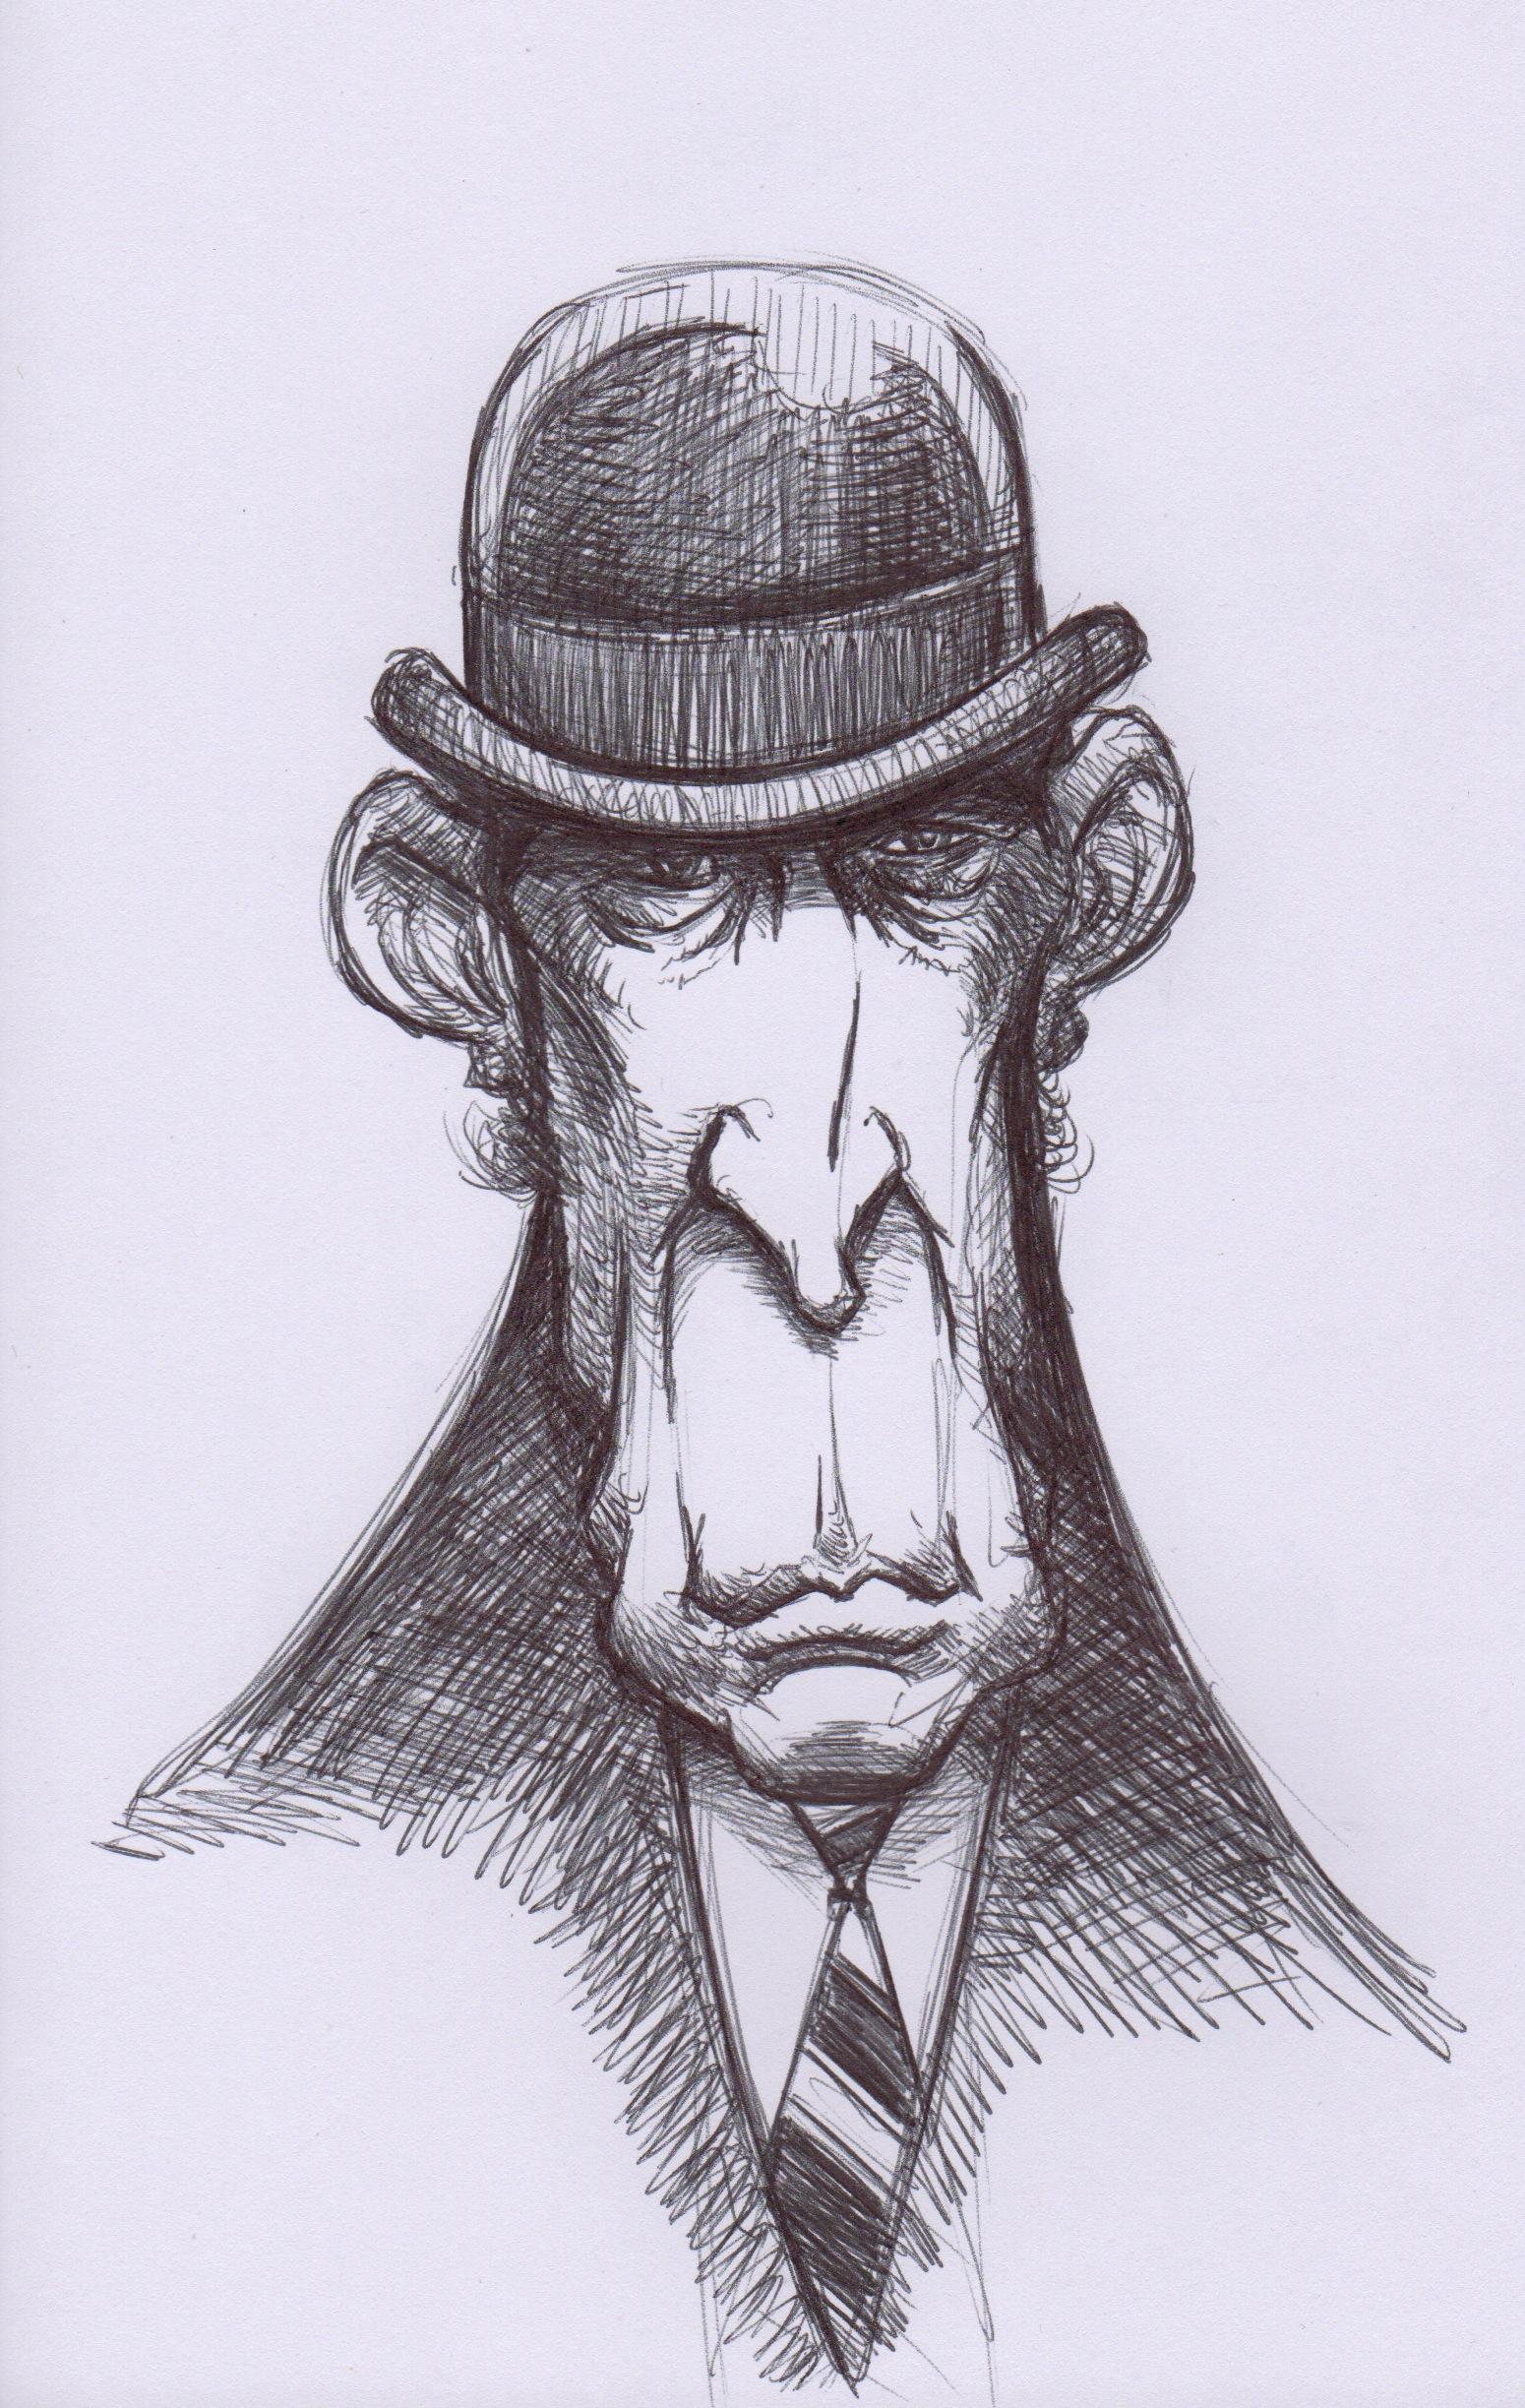 bolwer-hat guy-sketch.jpeg